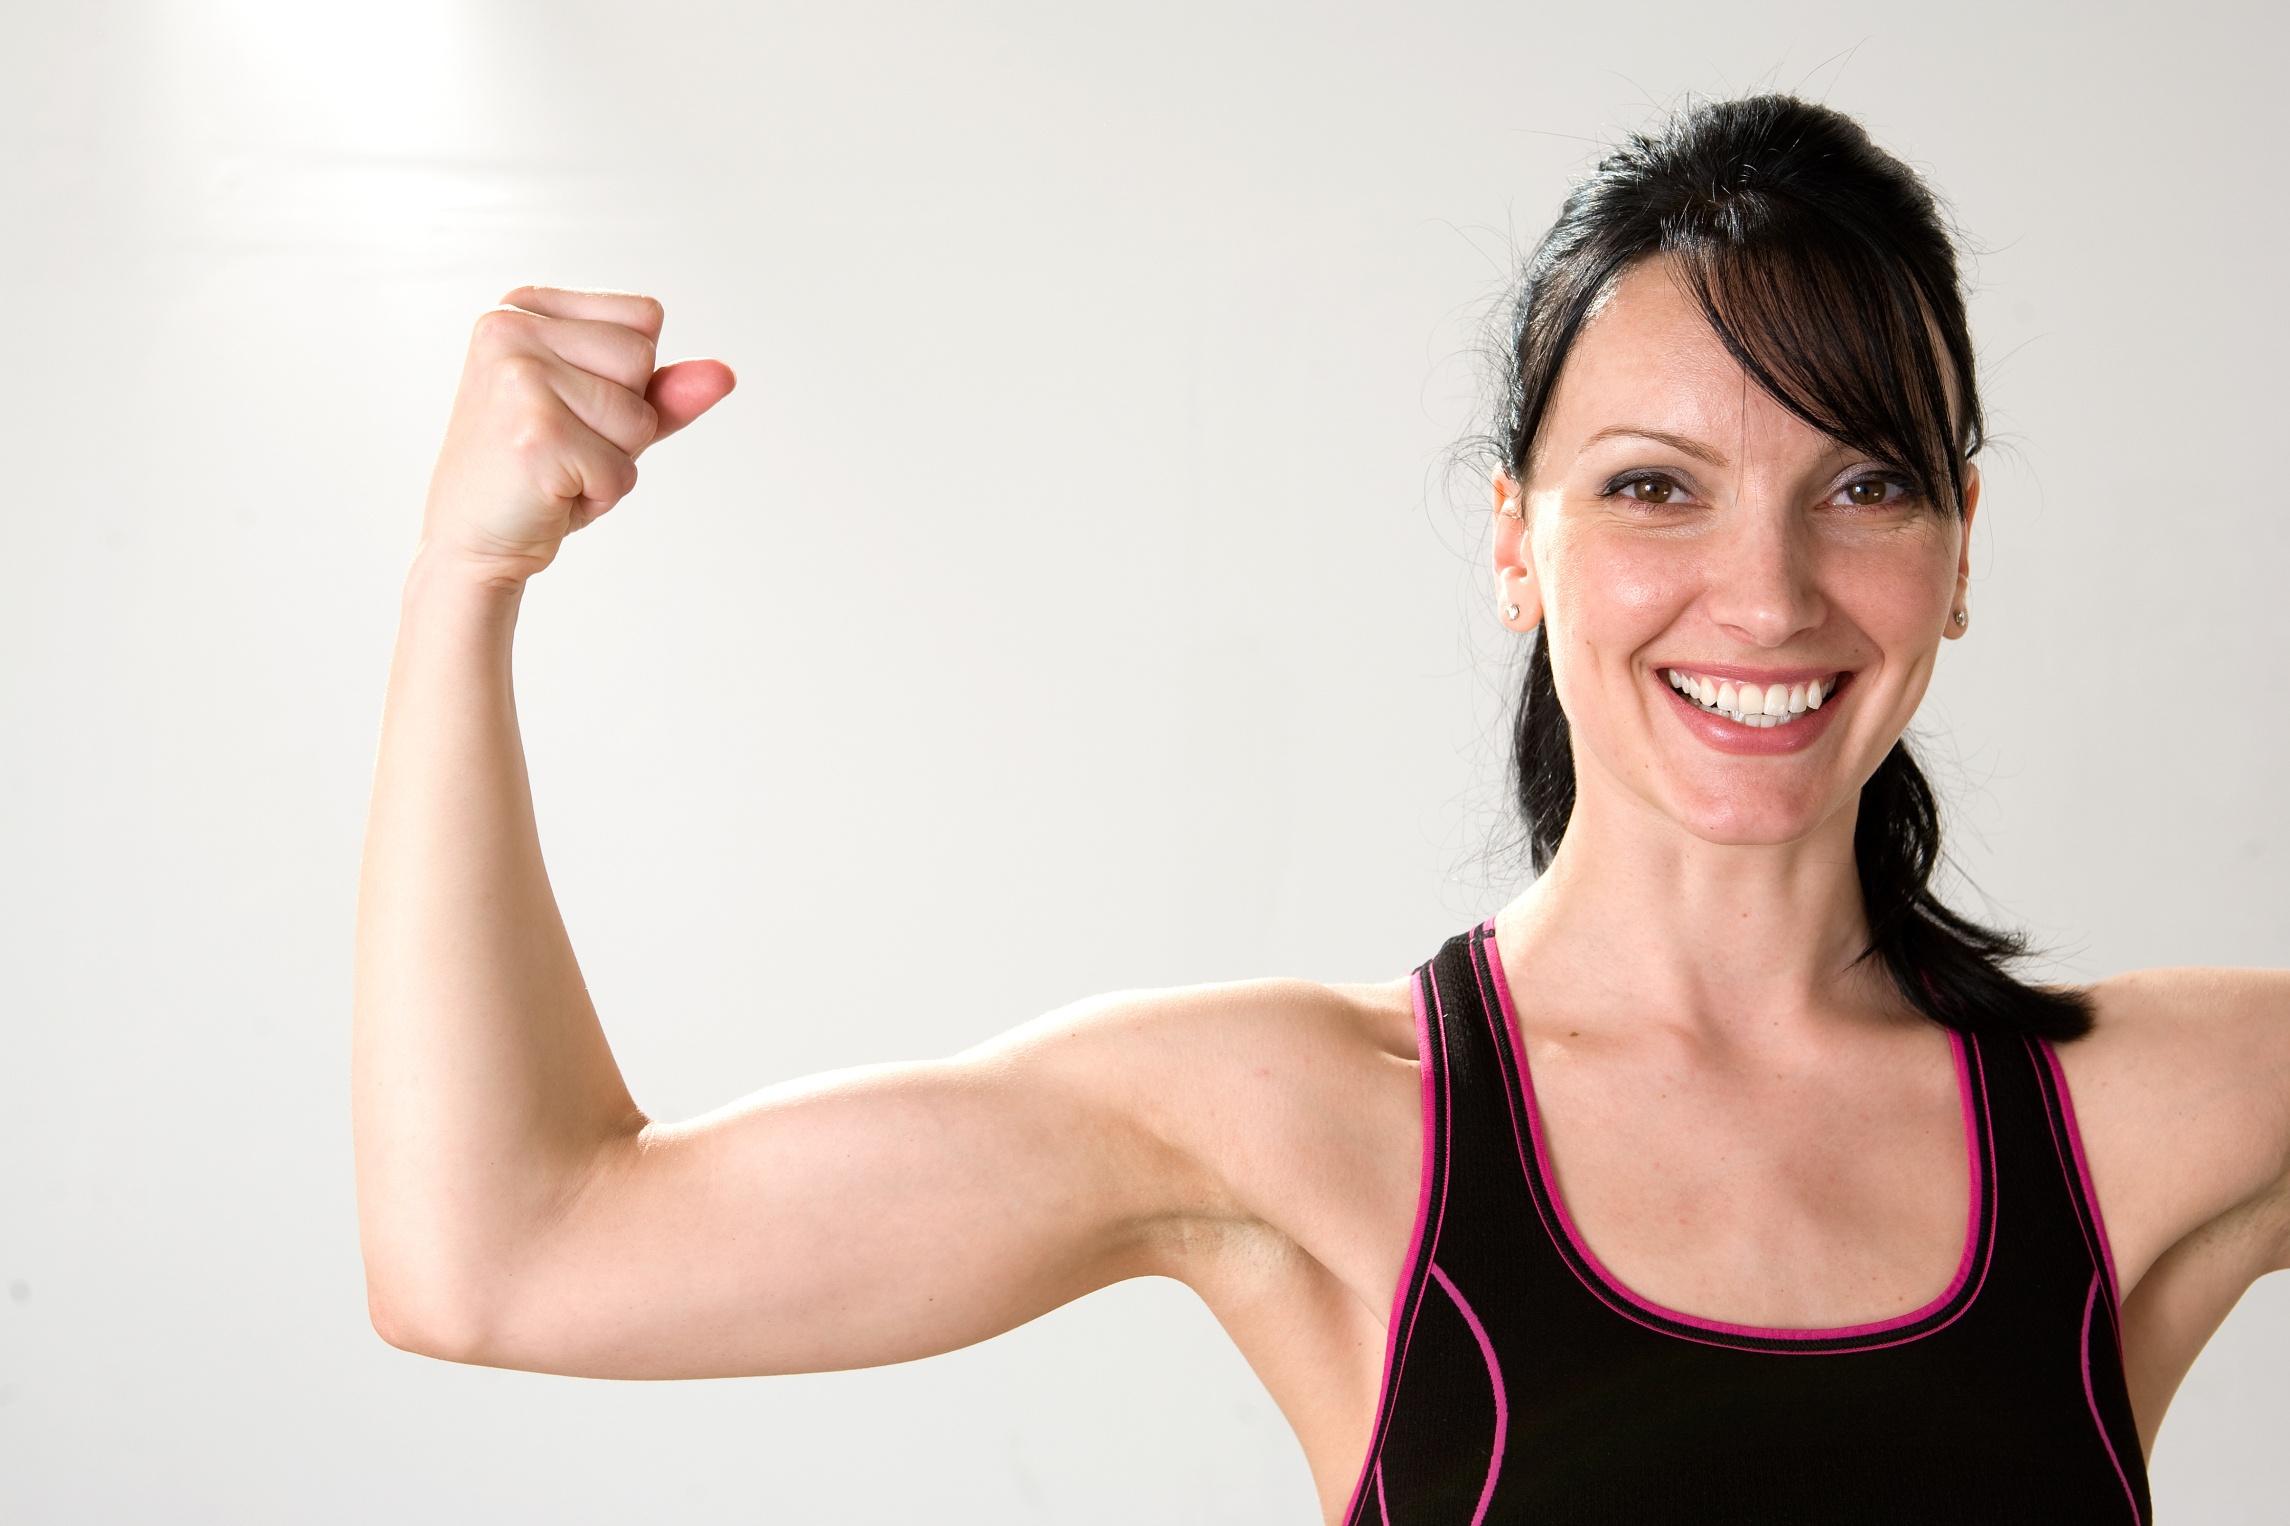 Resultado de imagen para ejercicios para brazos